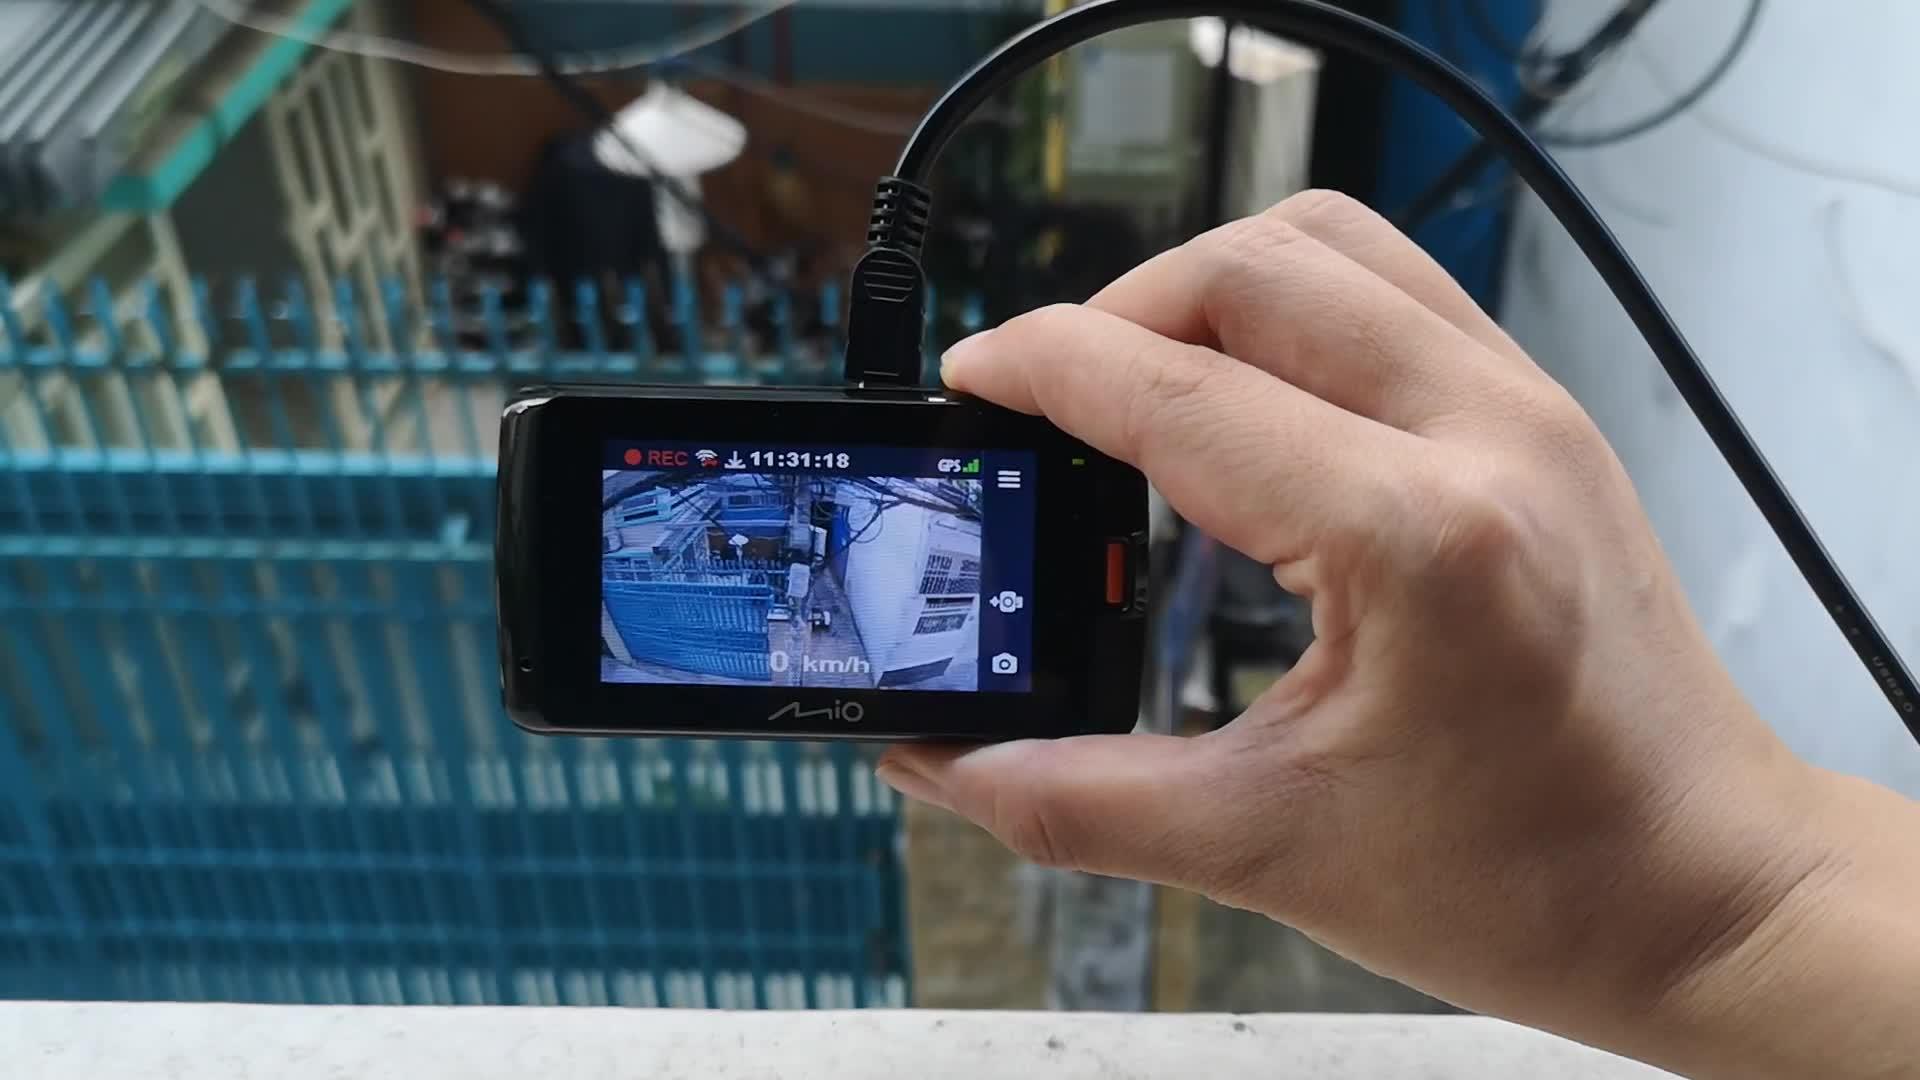 Thử tính năng ghi hình khẩn cấp của Mio Mivue 792